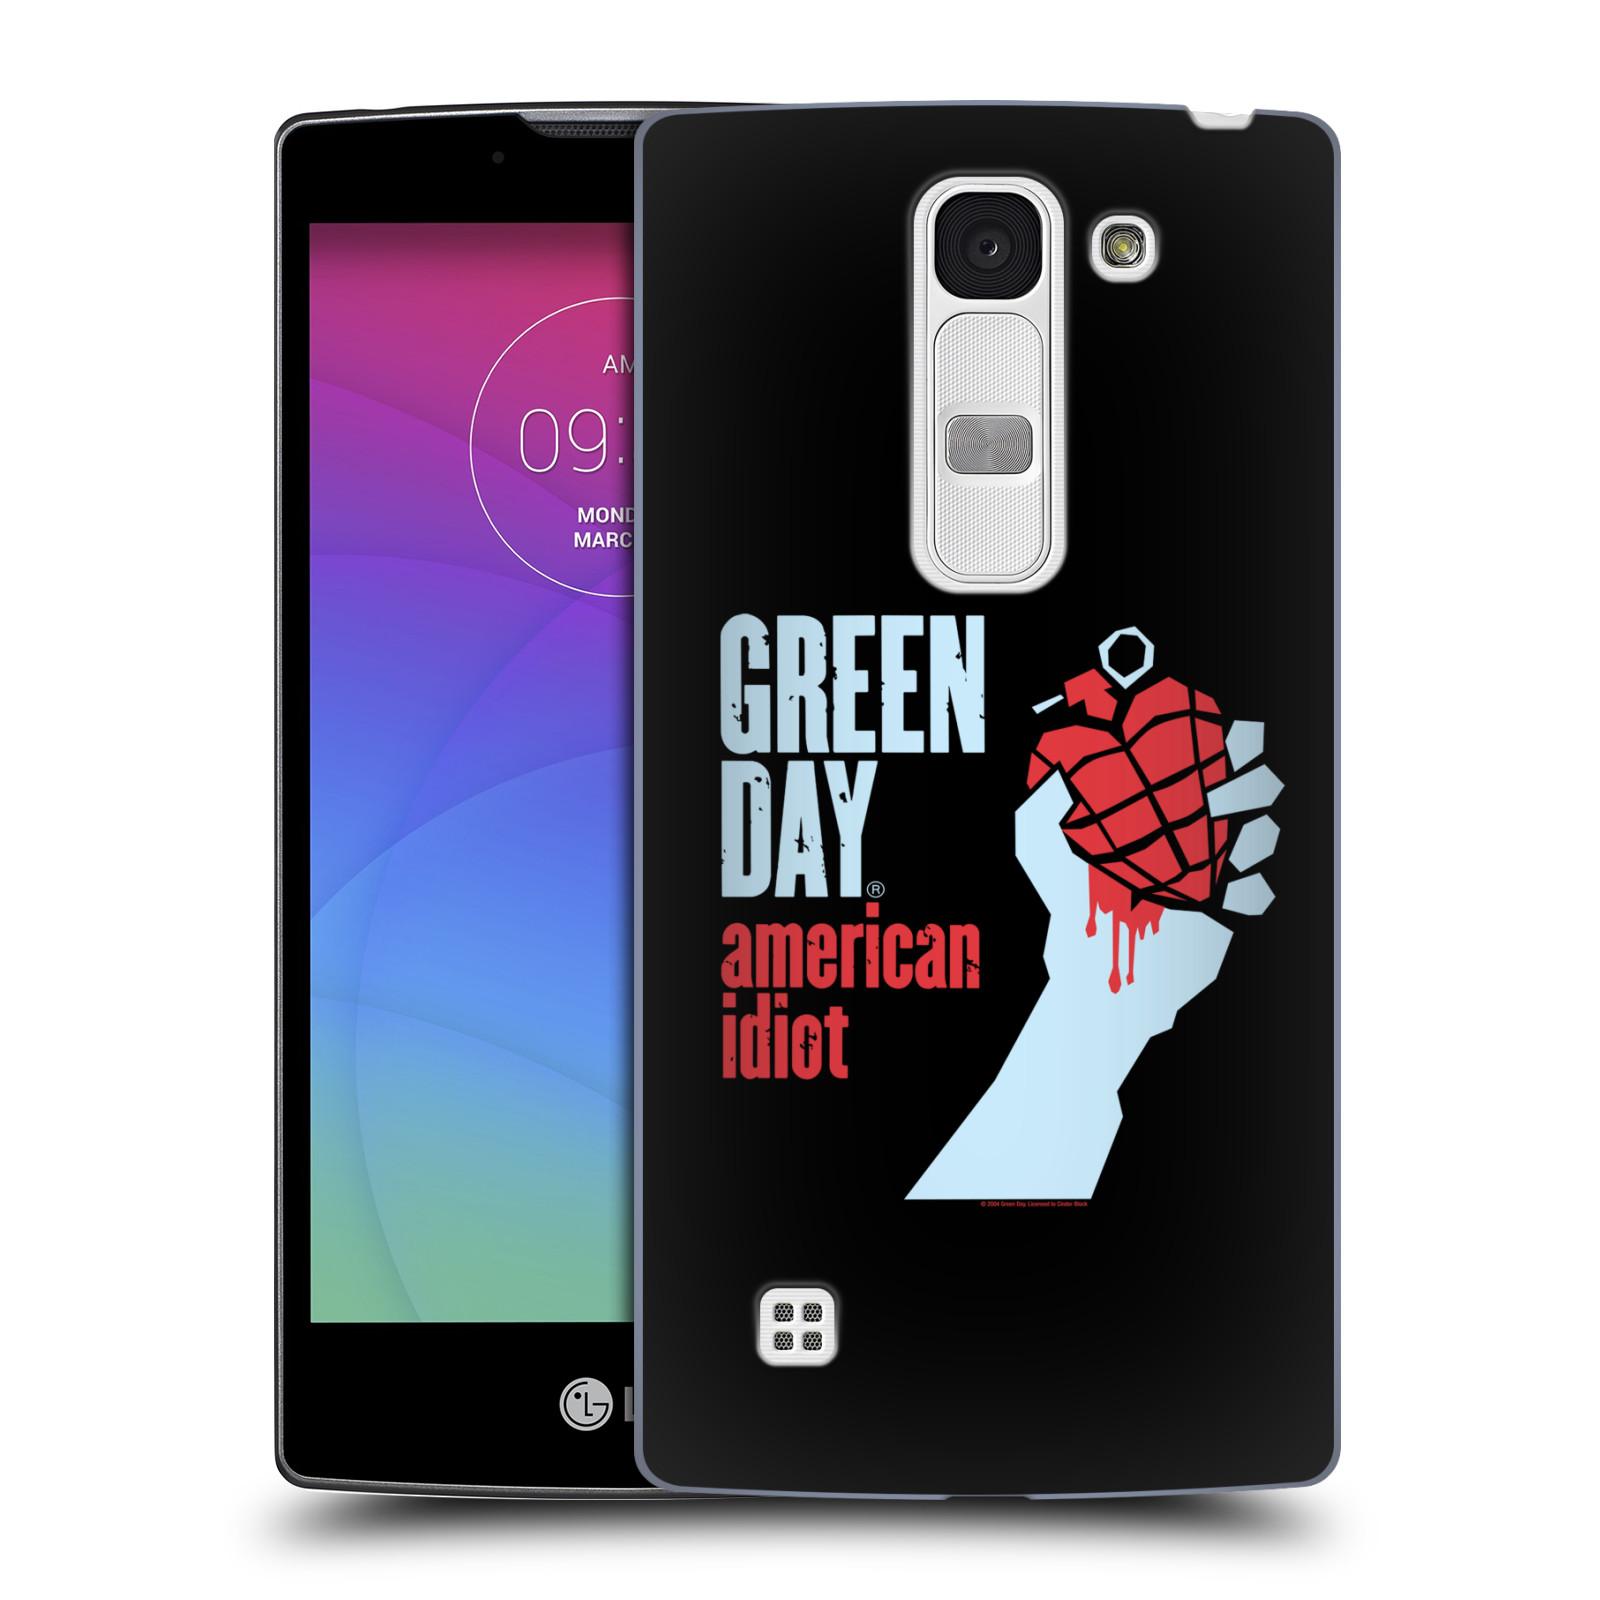 Plastové pouzdro na mobil LG Spirit LTE HEAD CASE Green Day - American Idiot (Plastový kryt či obal na mobilní telefon licencovaným motivem Green Day pro LG Spirit H420 a LG Spirit LTE H440N)